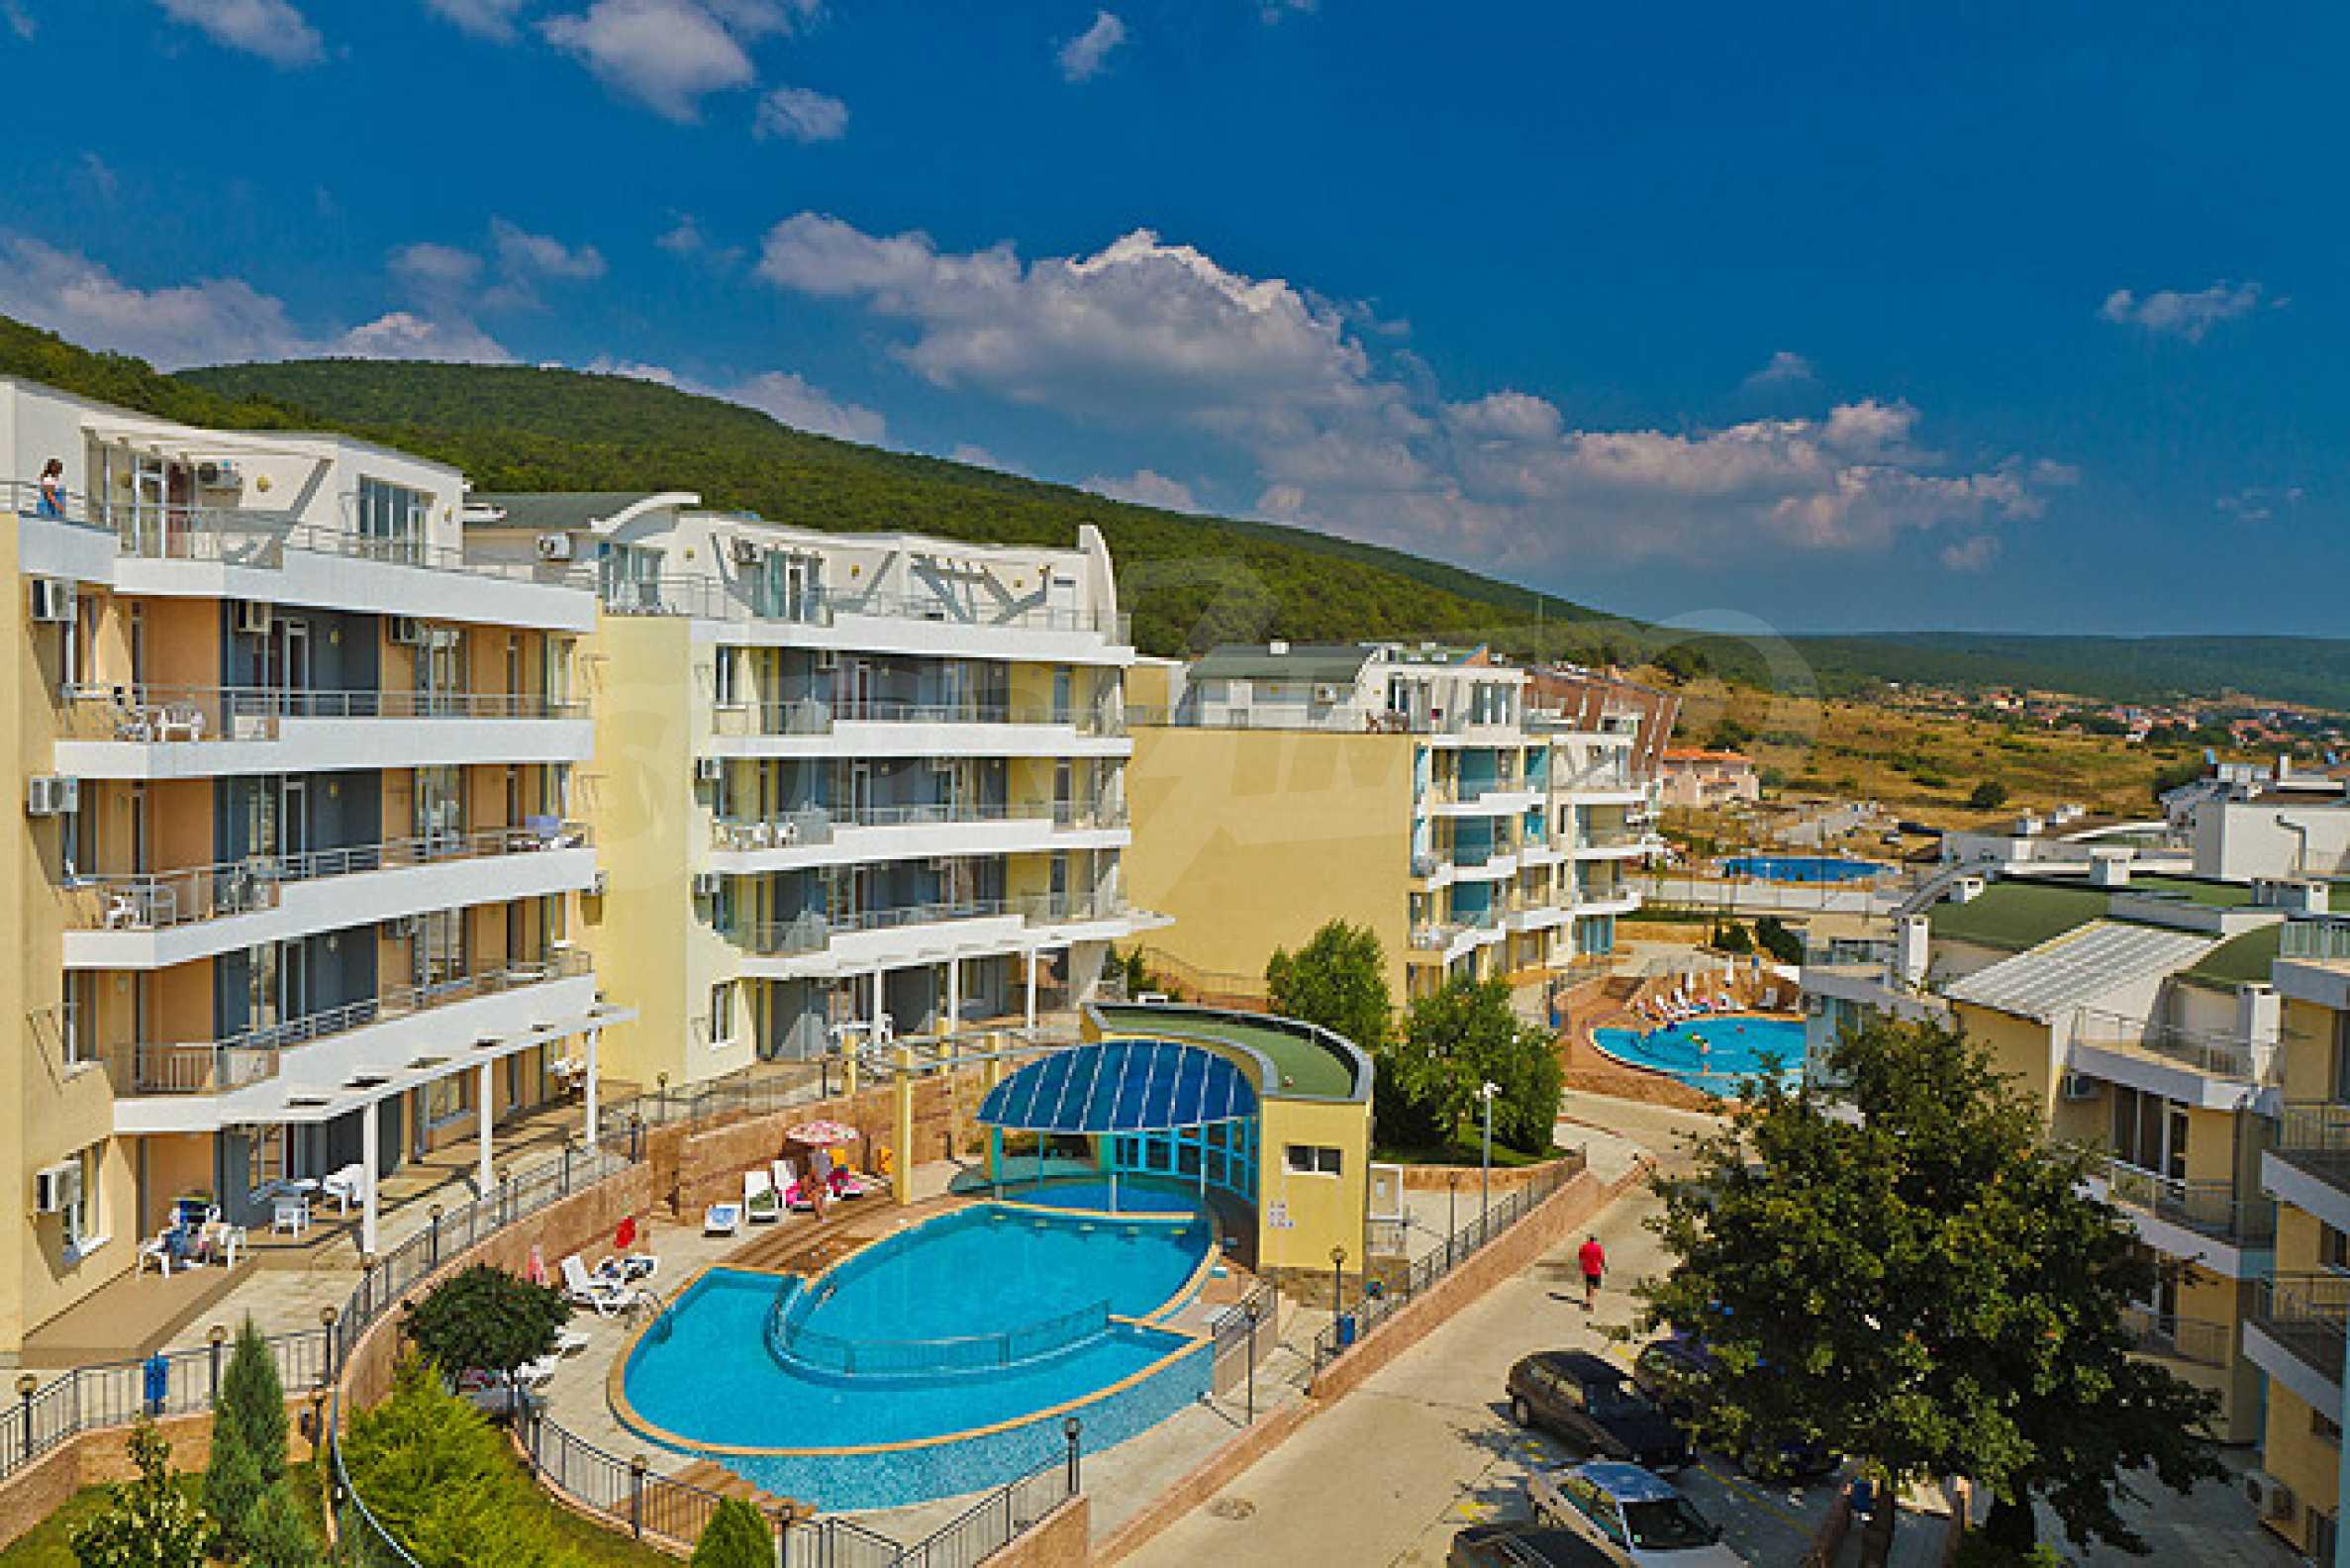 Sunset Kosharitsa - aпартаменти в атрактивен комплекс сред планината и морето, на 5 минути с кола от Слънчев бряг 39